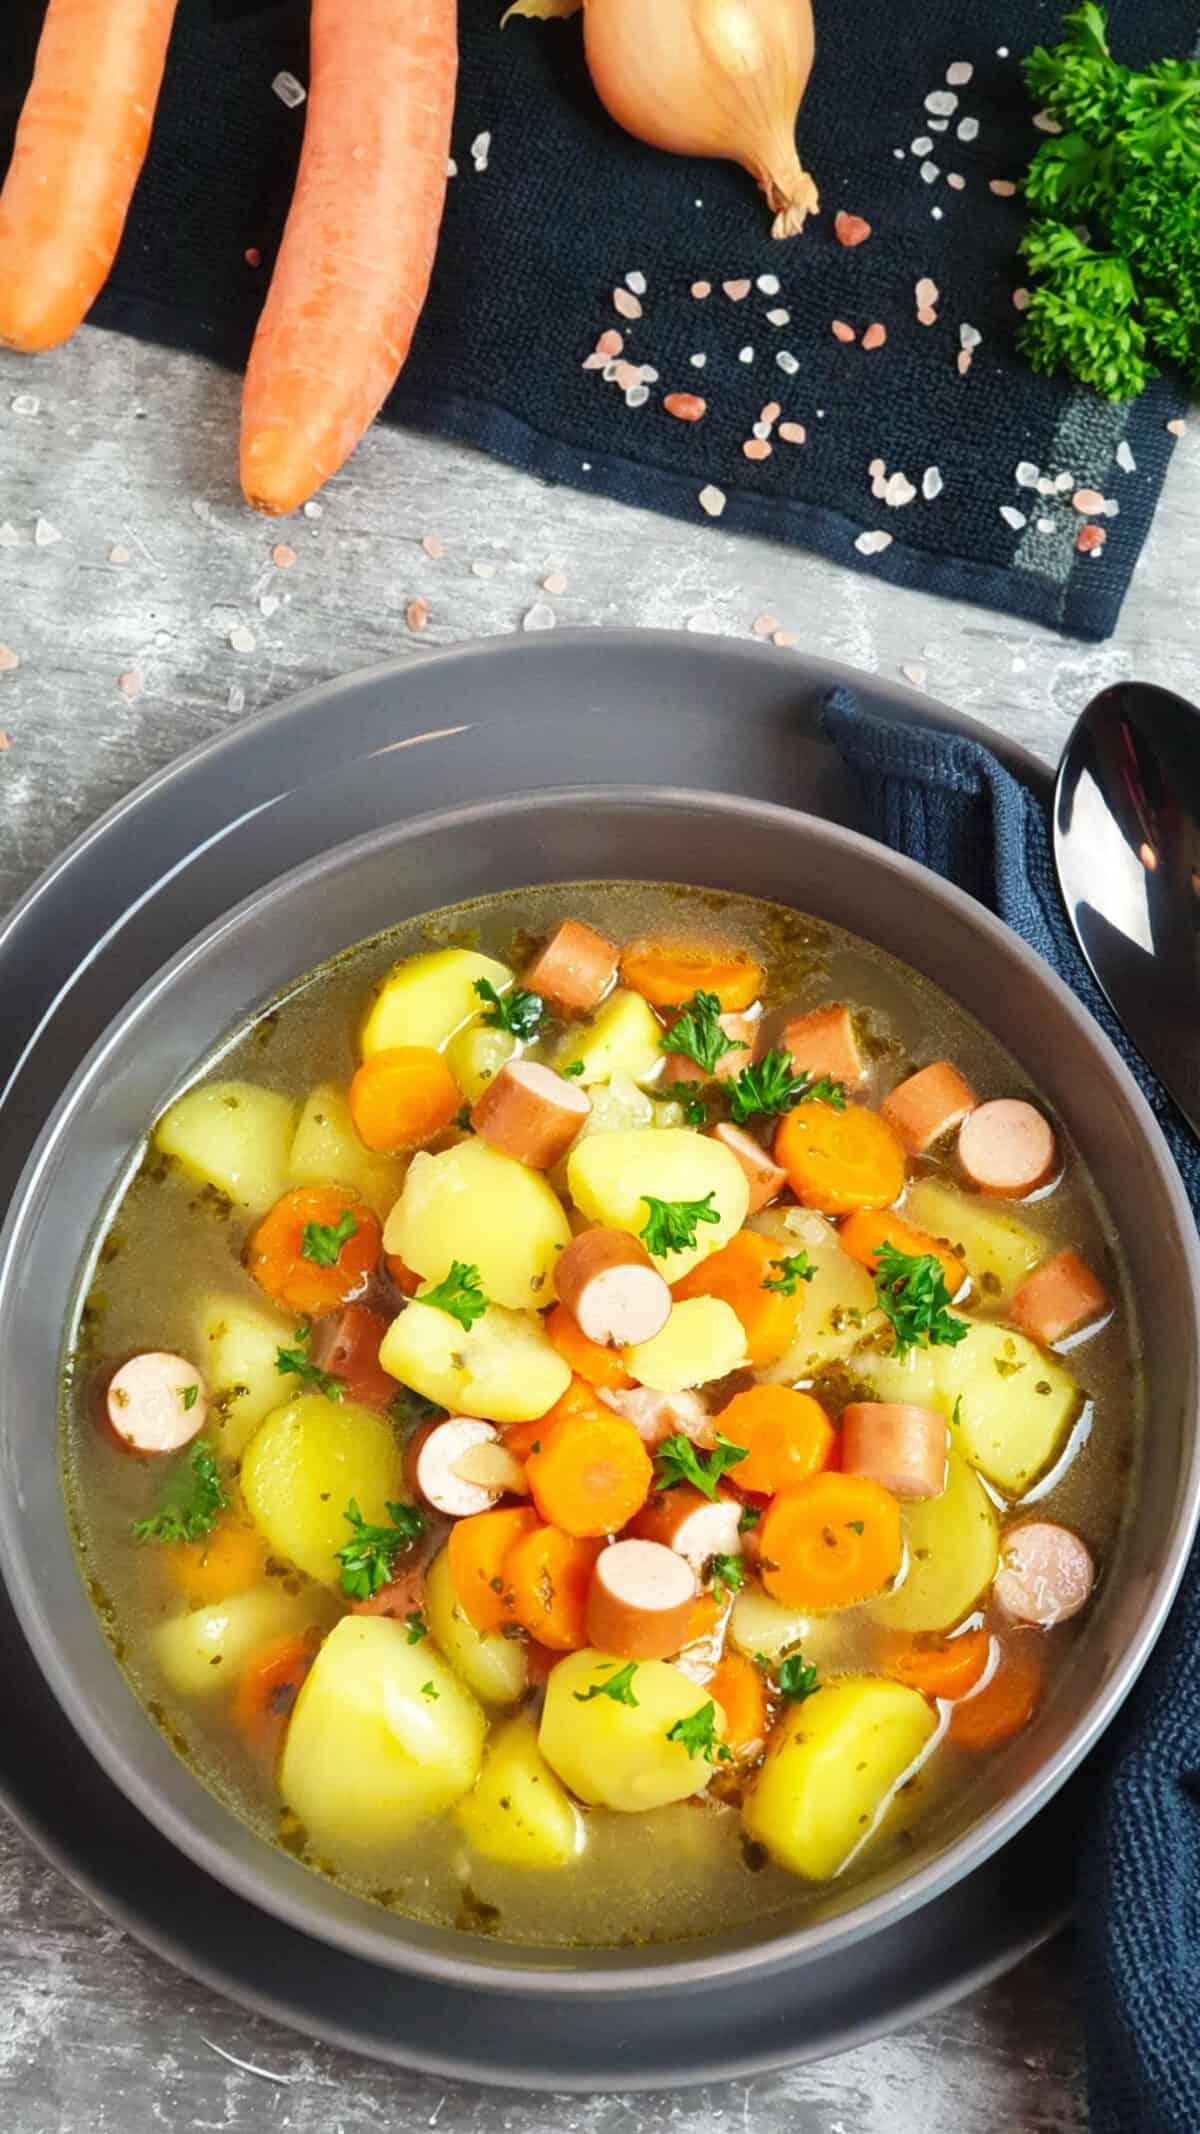 In einer grauen Schale angerichtet Kartoffel Möhren Suppe mit Würstchen. Mit Petersilie bestreut. Im Hintergrund Deko.